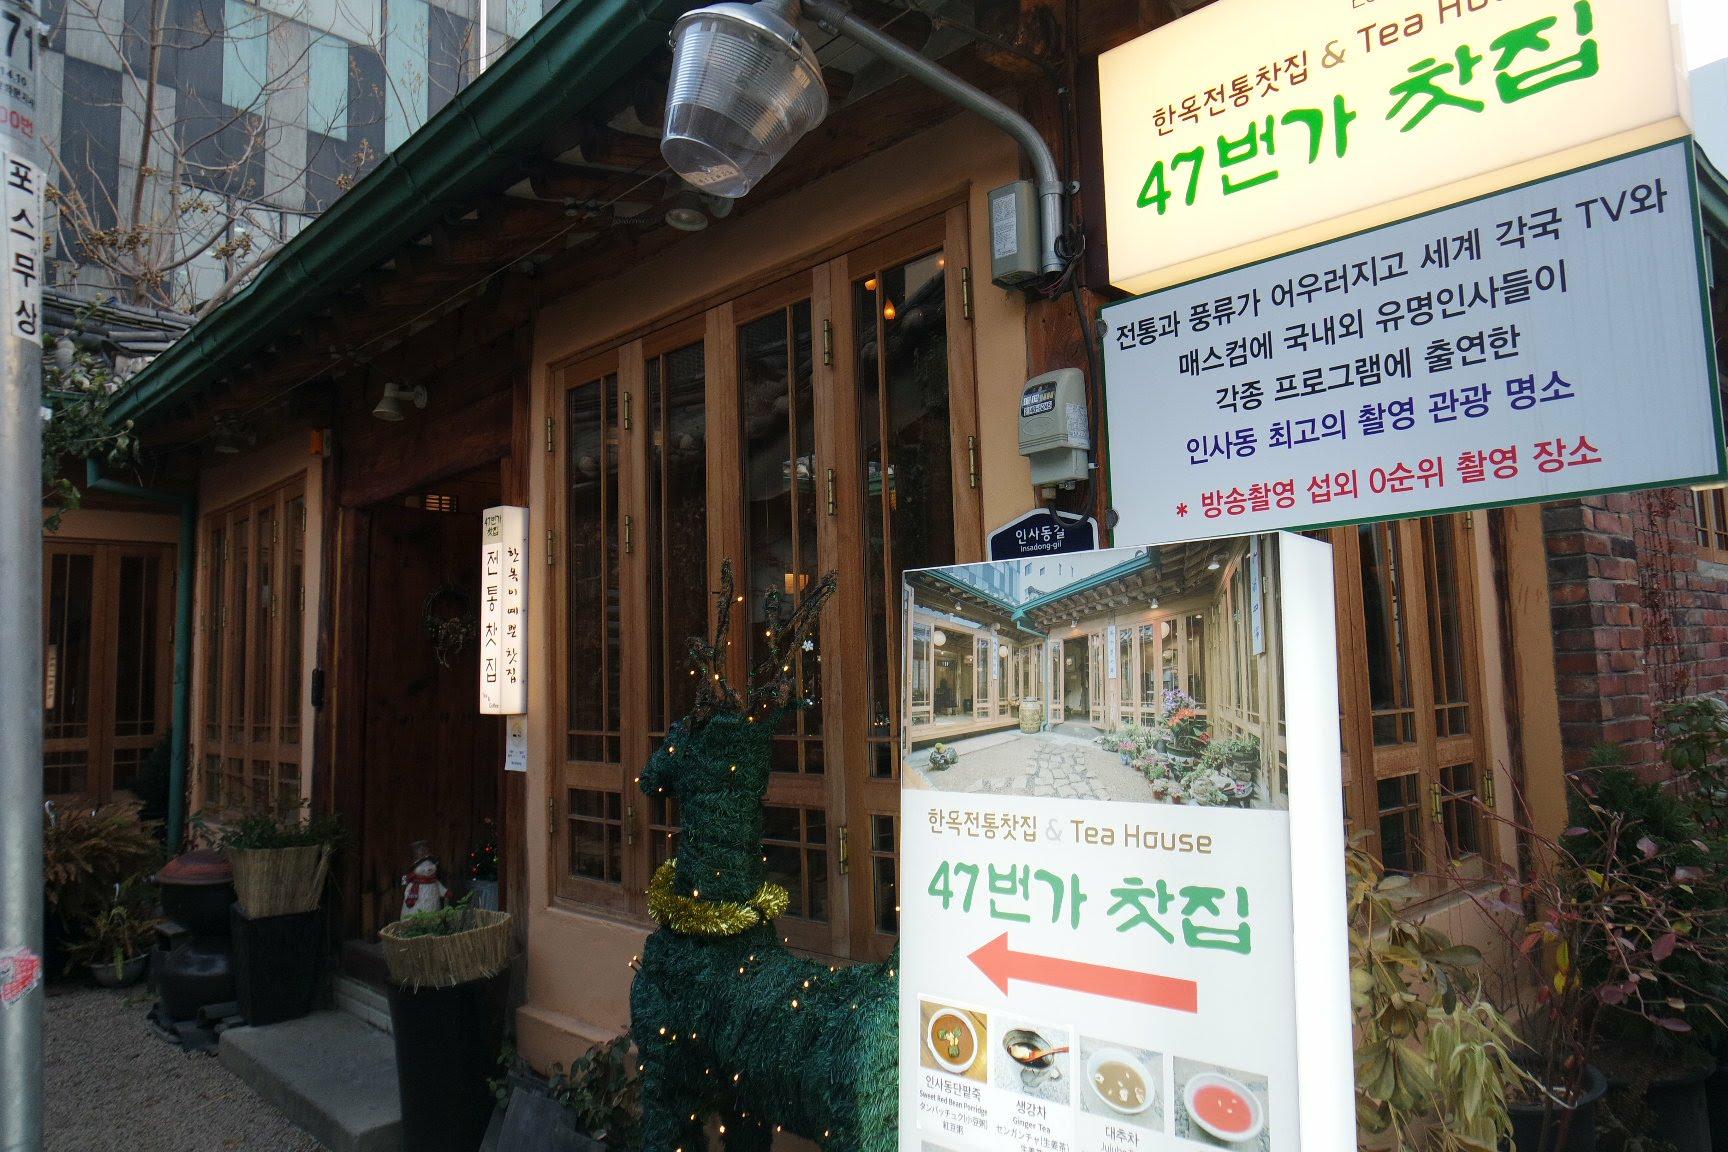 47 avenue tea house insadong hanok teahouse